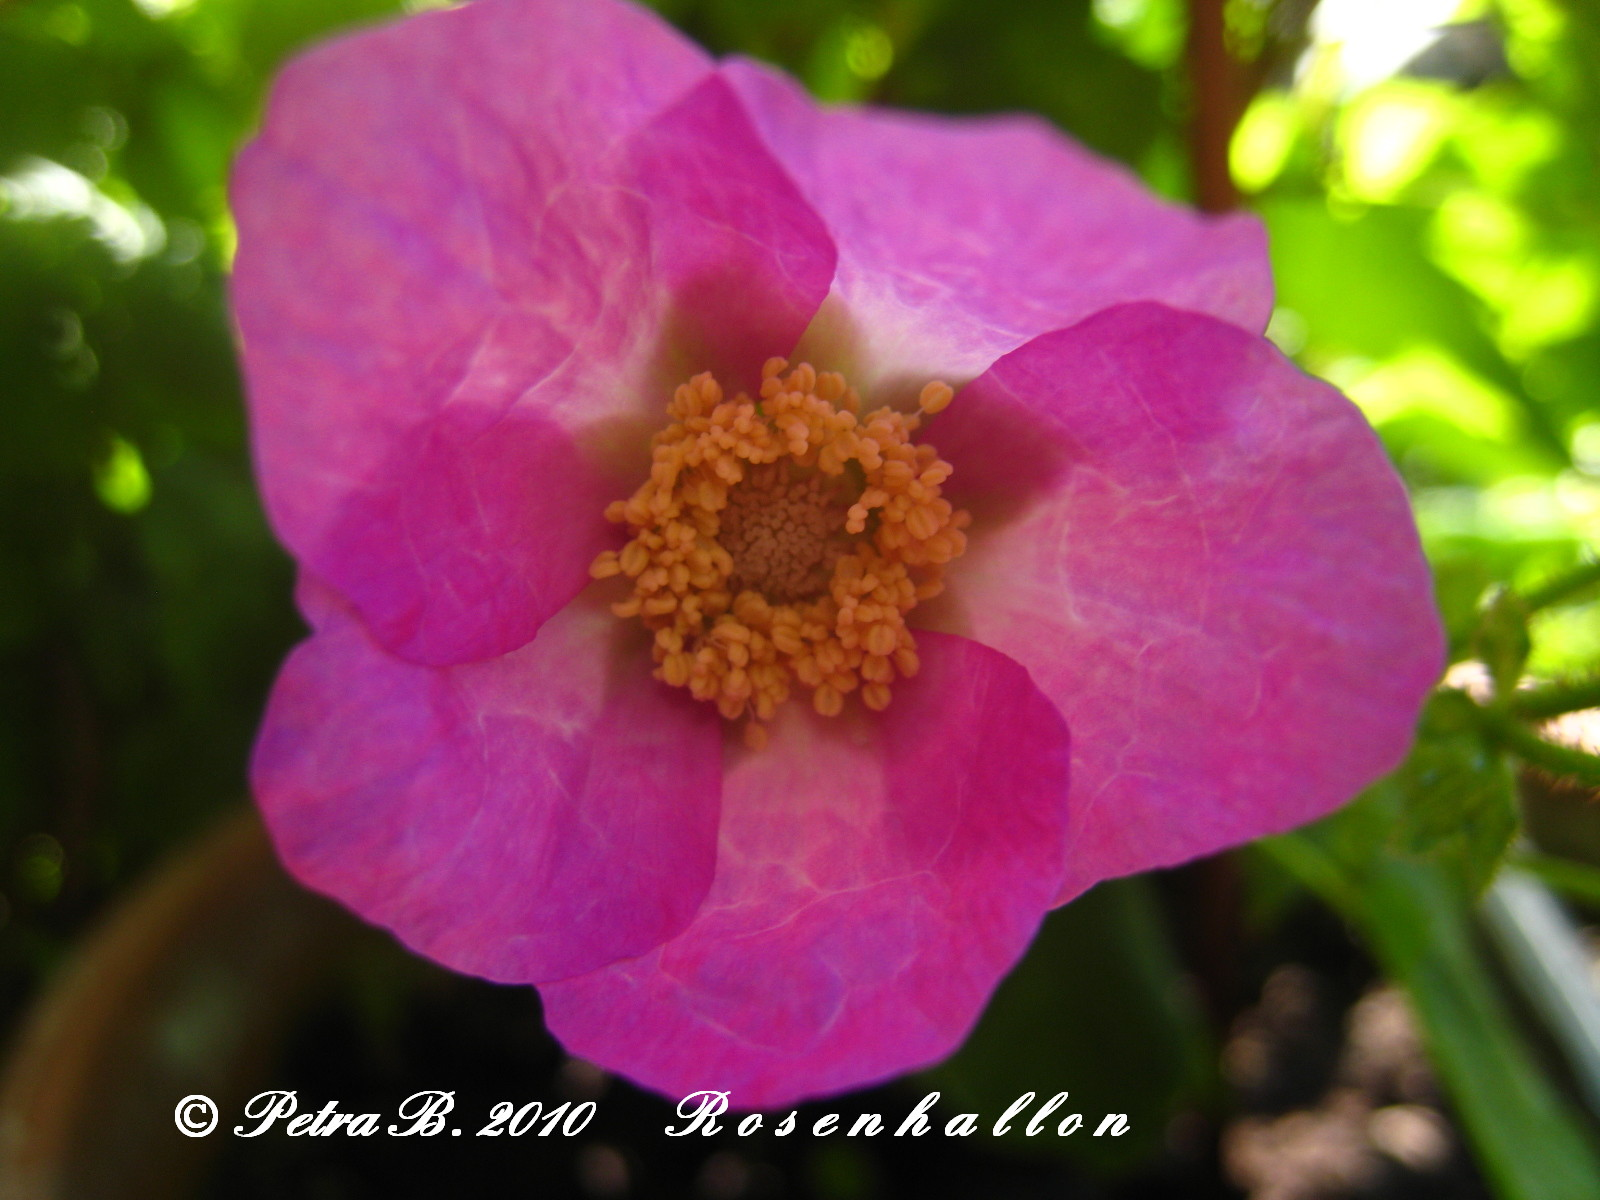 Trädgårdsdesign made by petra: rosenhallon och chew creepy den ...